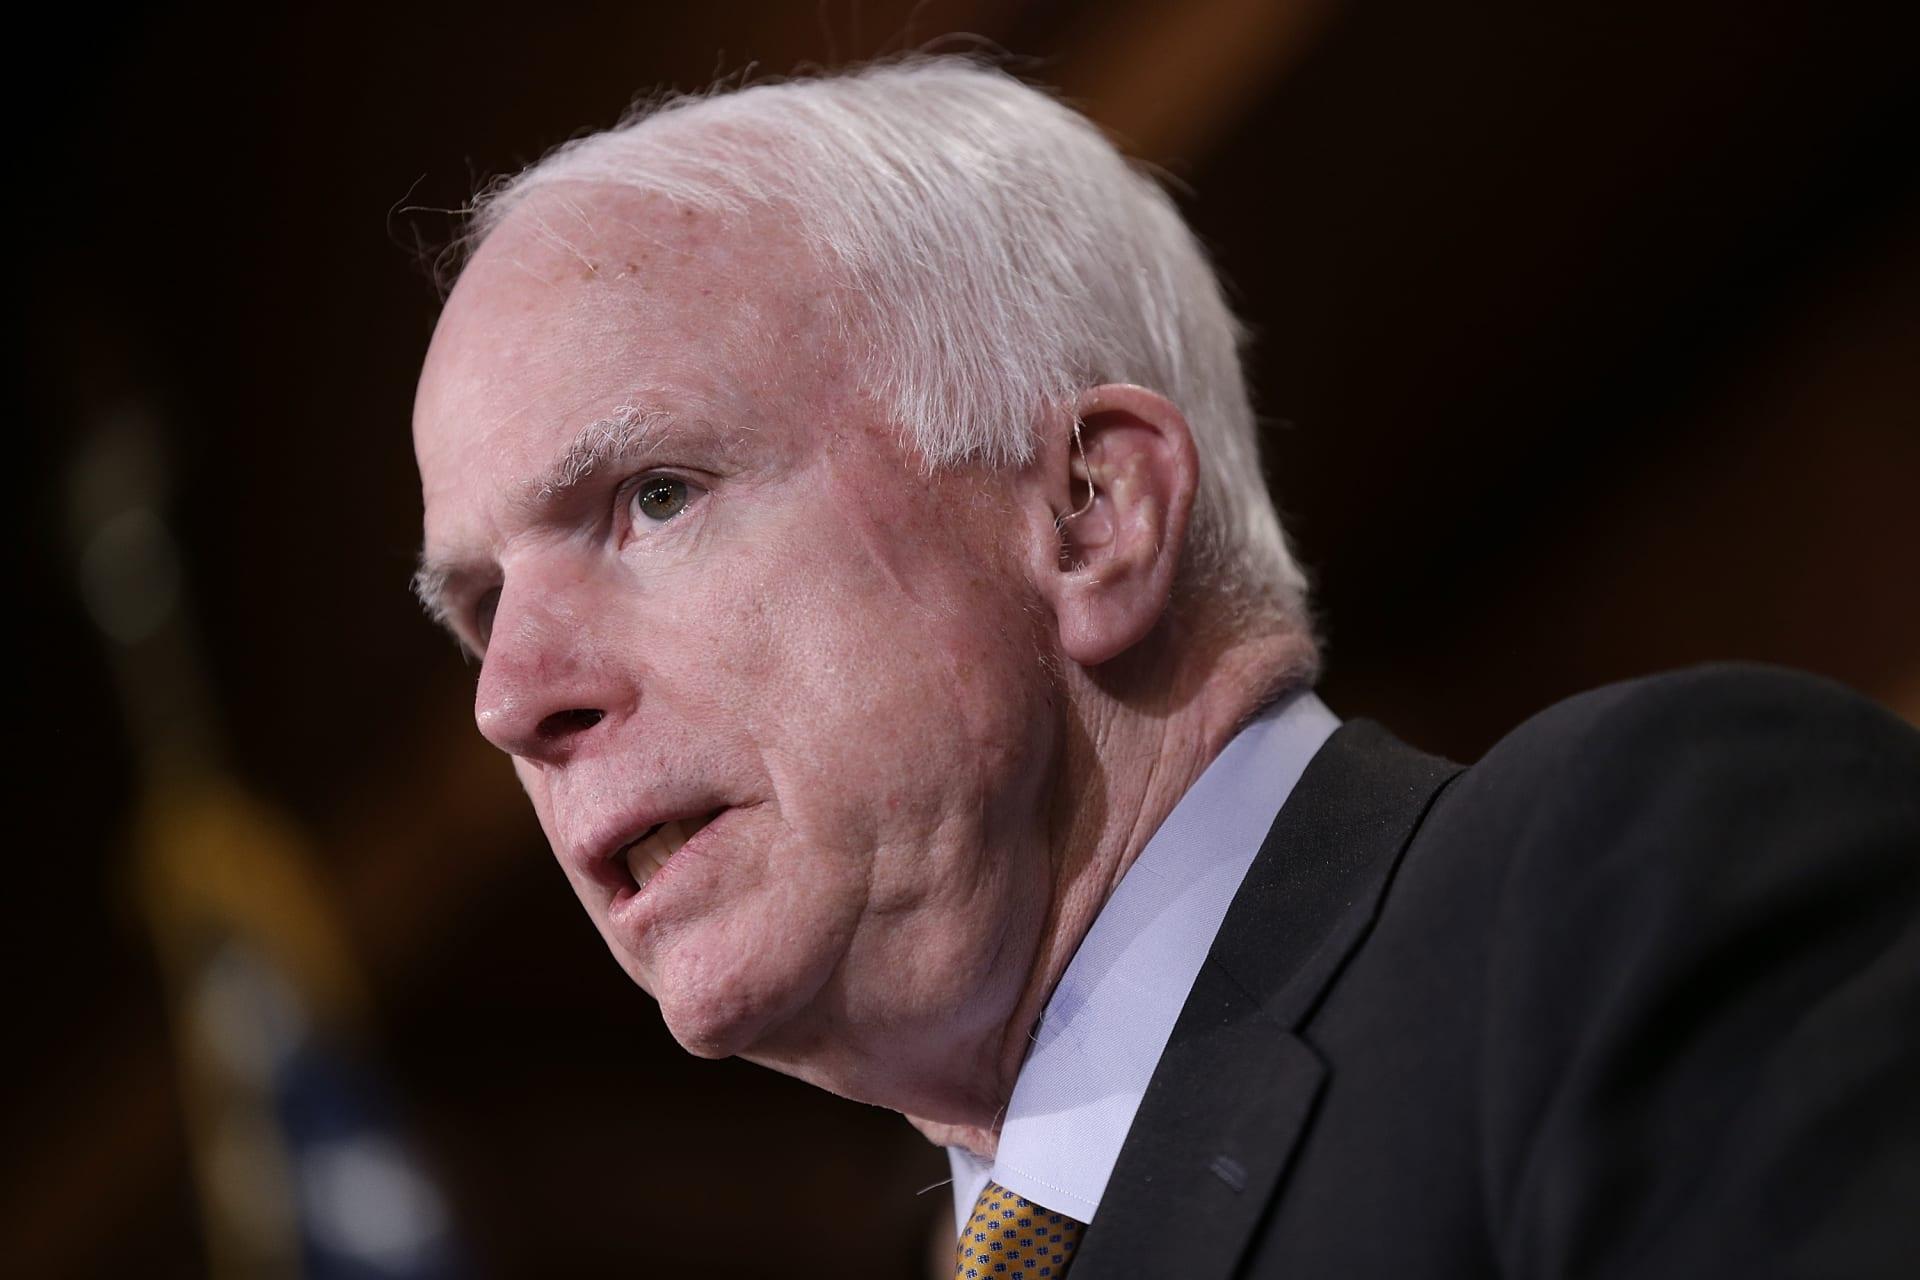 السيناتور الجمهوري ماكين قام بزيارة سرية إلى سوريا.. ماذا فعل خلالها؟